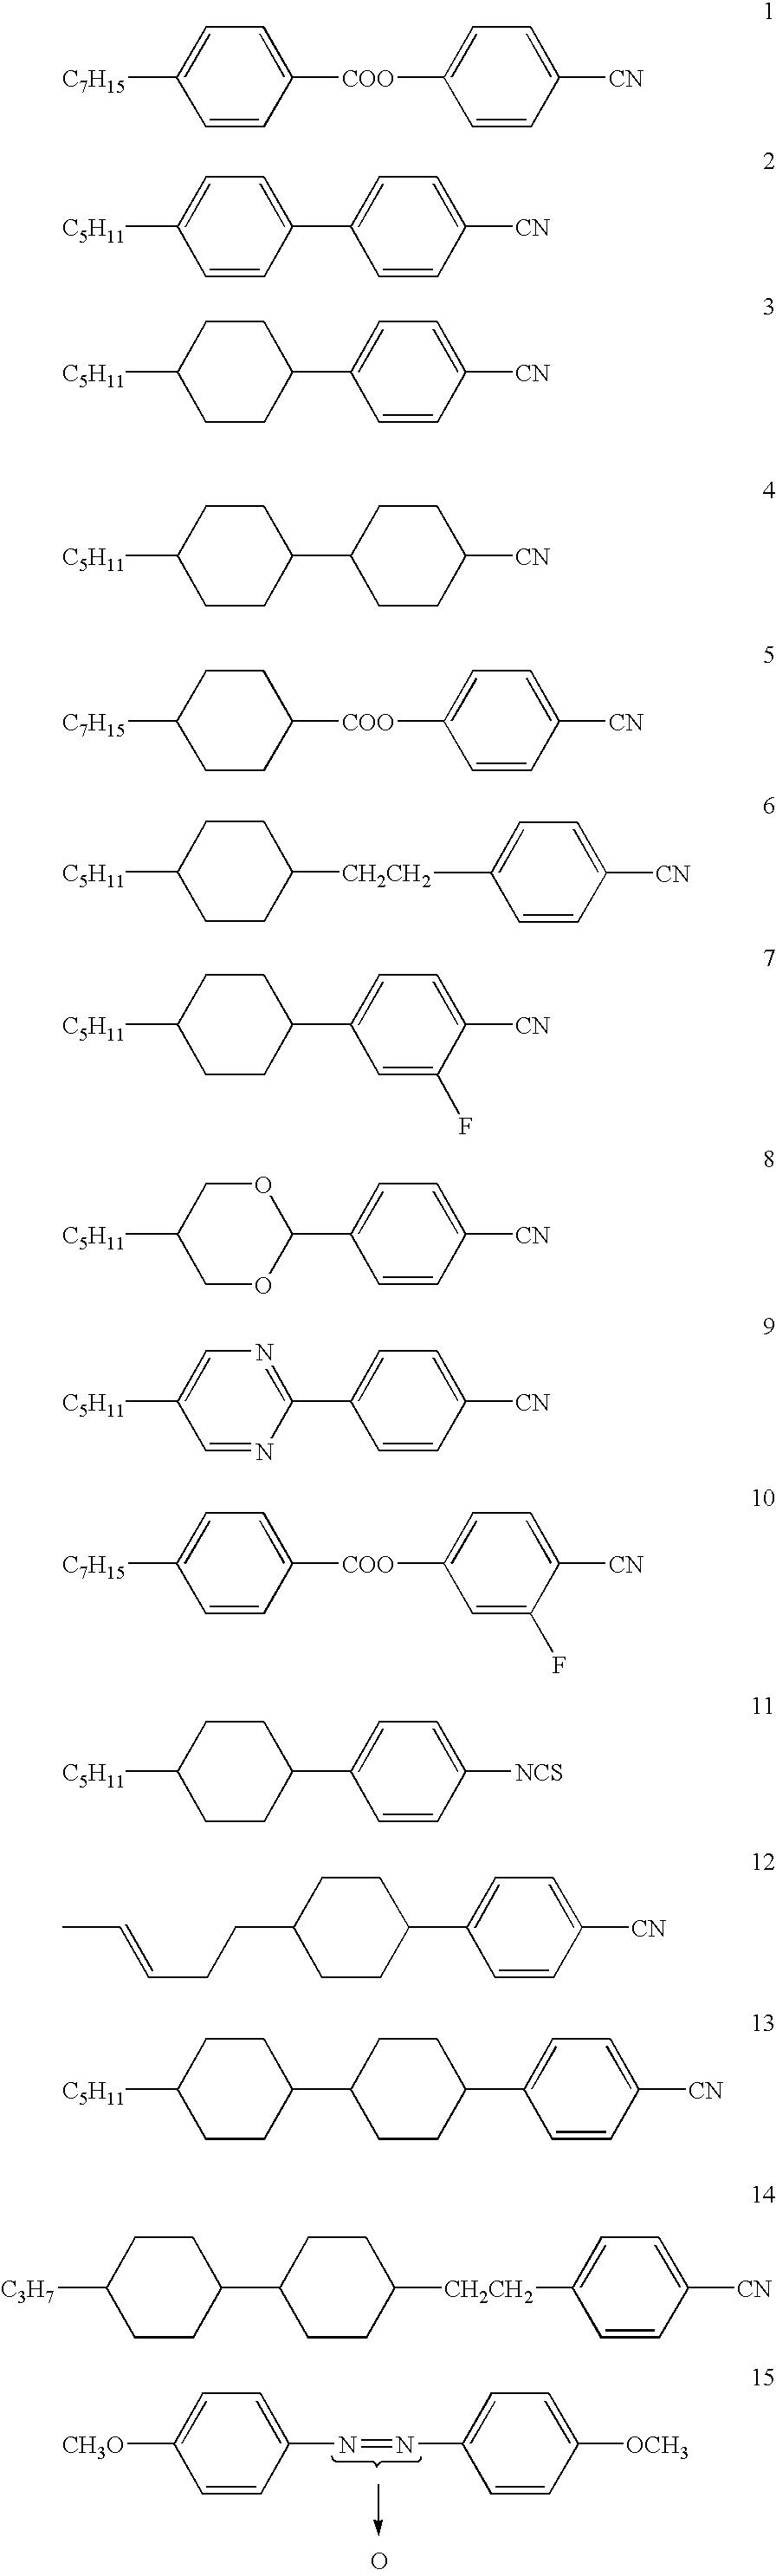 Figure US20040080693A1-20040429-C00001